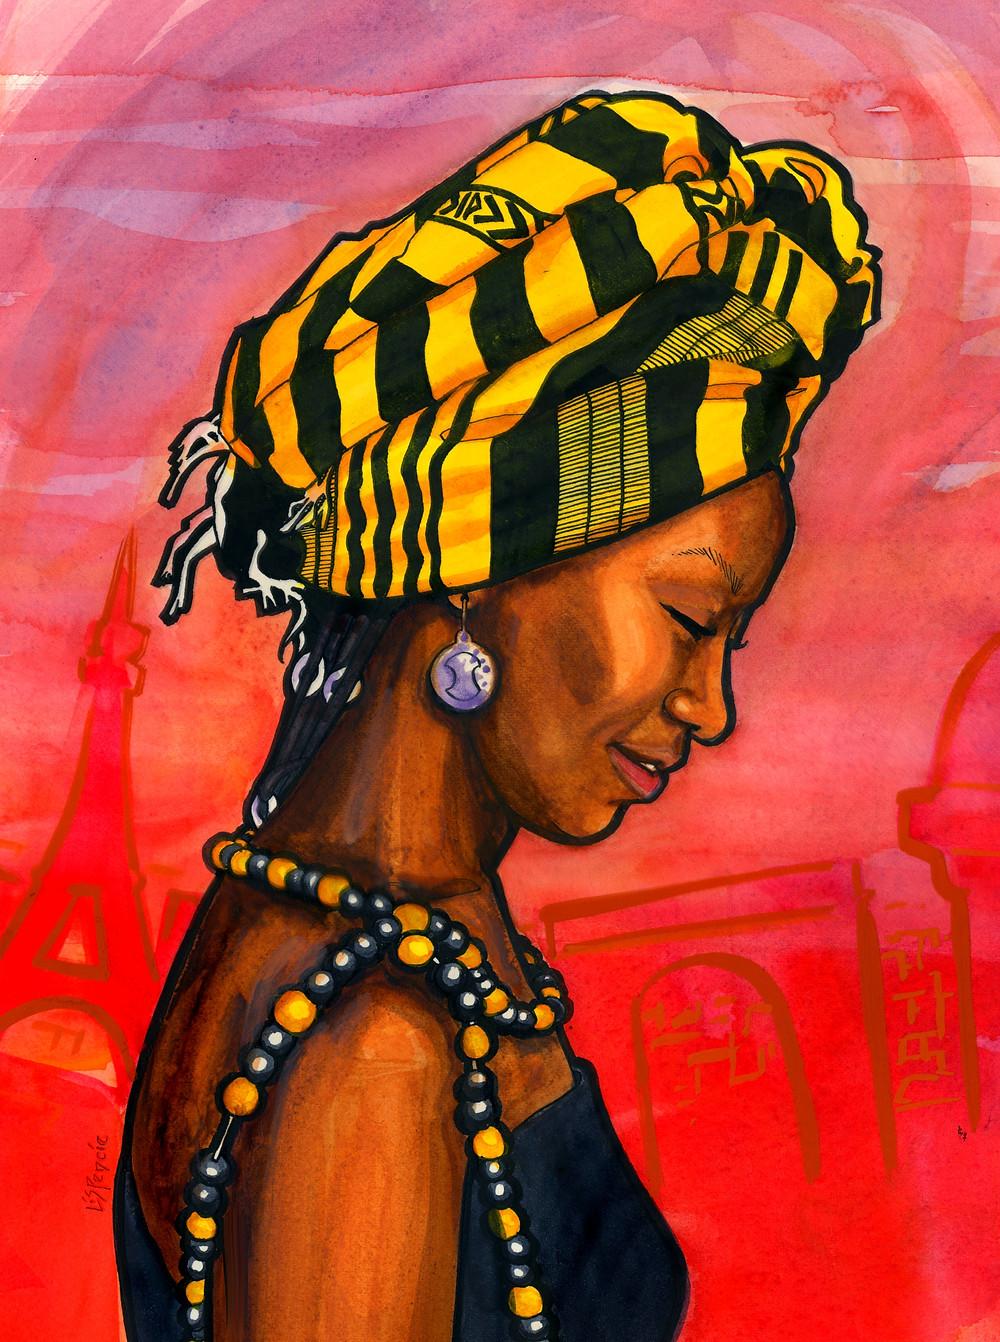 Fatoumata Diawara, Diriye Osman